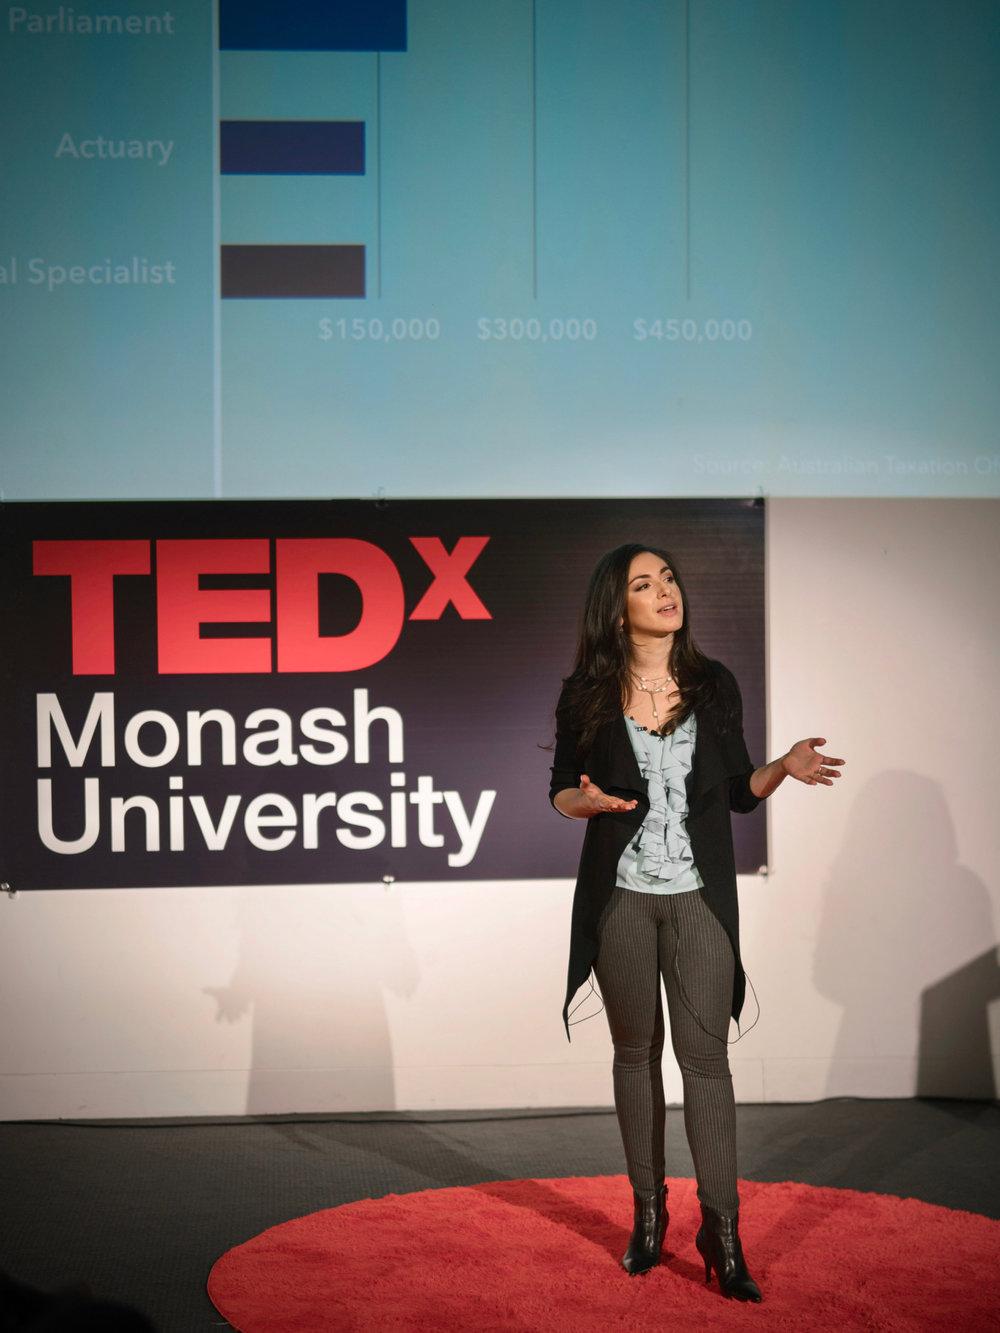 TEDx MonashUniversity